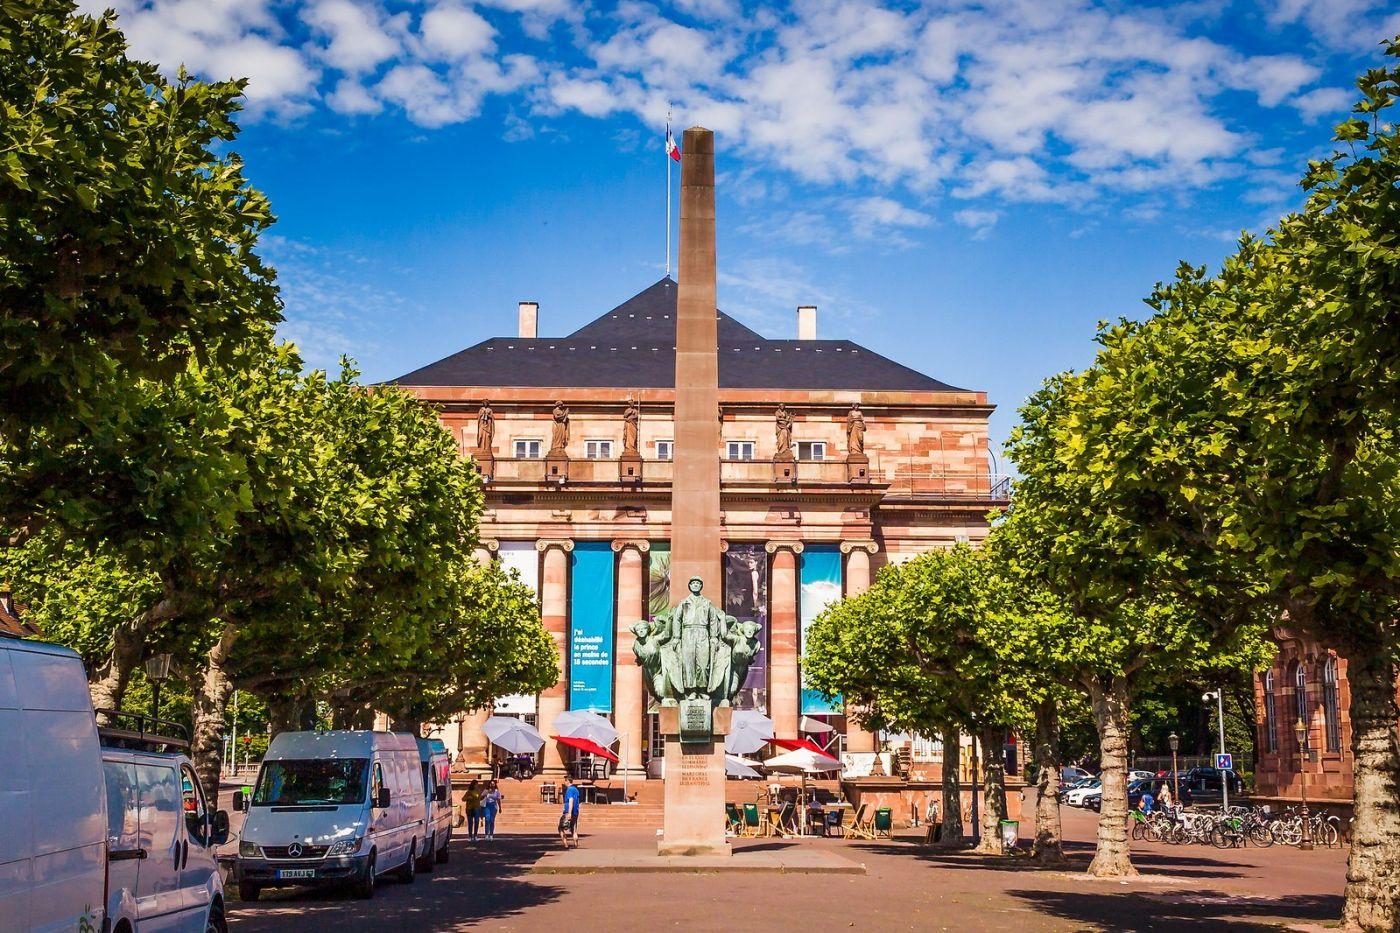 法国斯特拉斯堡(Strasbourg),边走边拍_图1-3